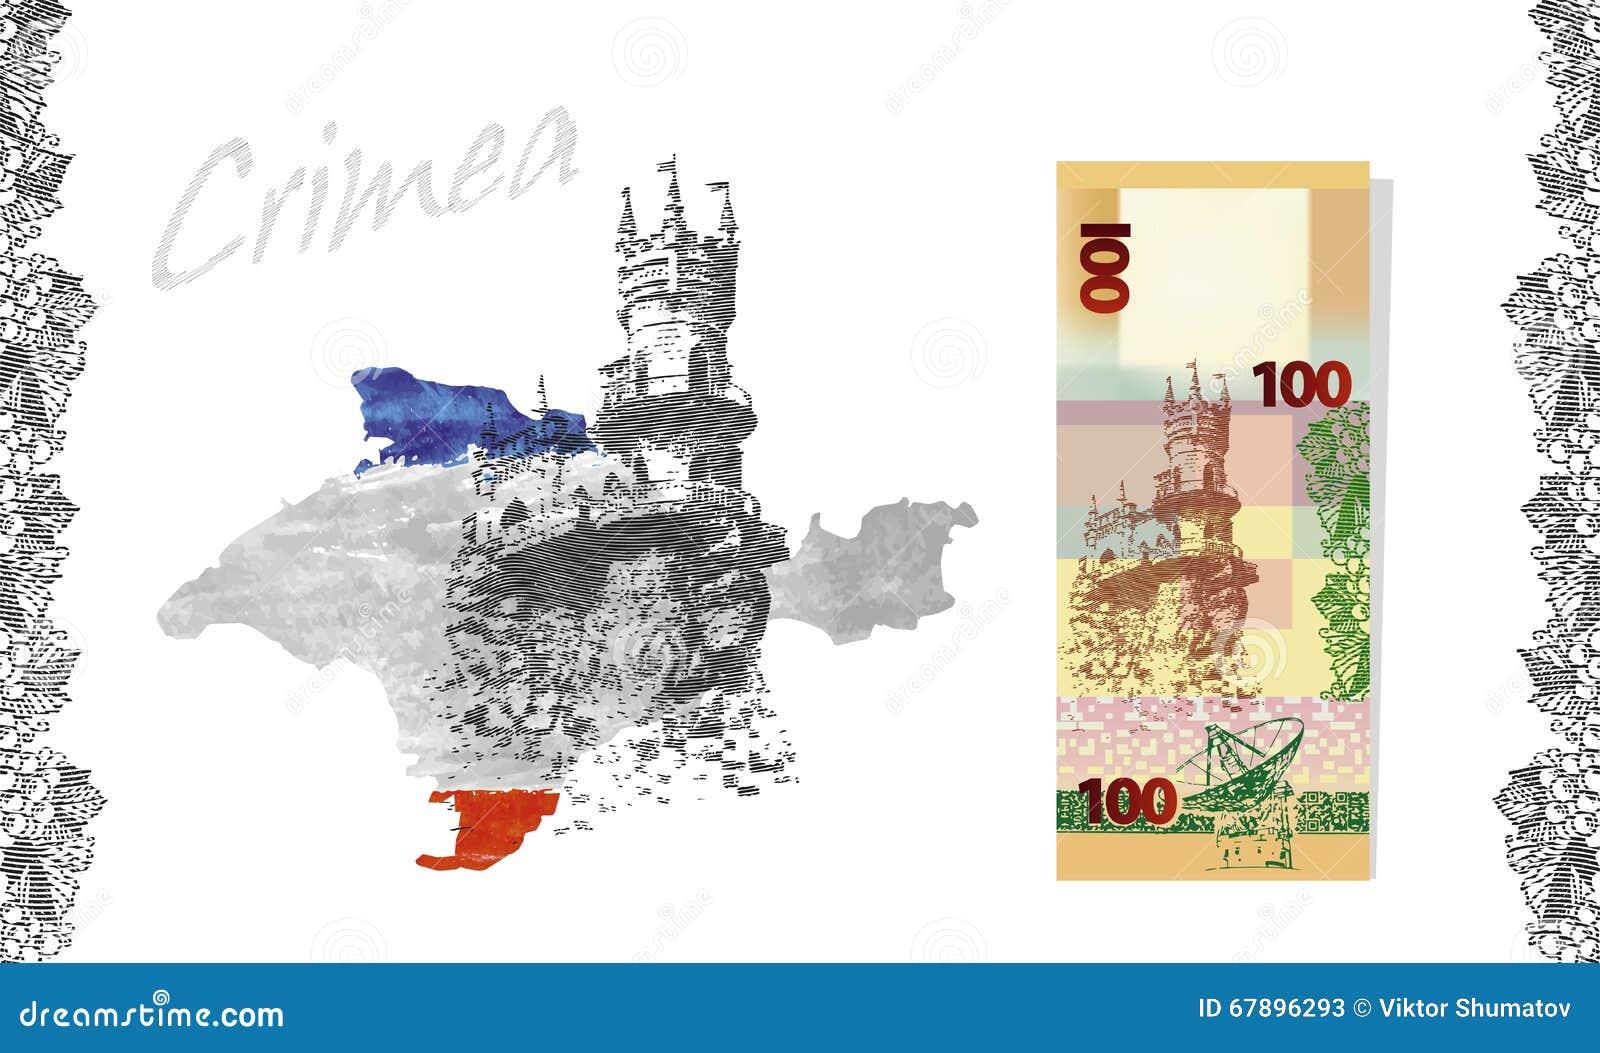 克里米亚的国旗和金钱